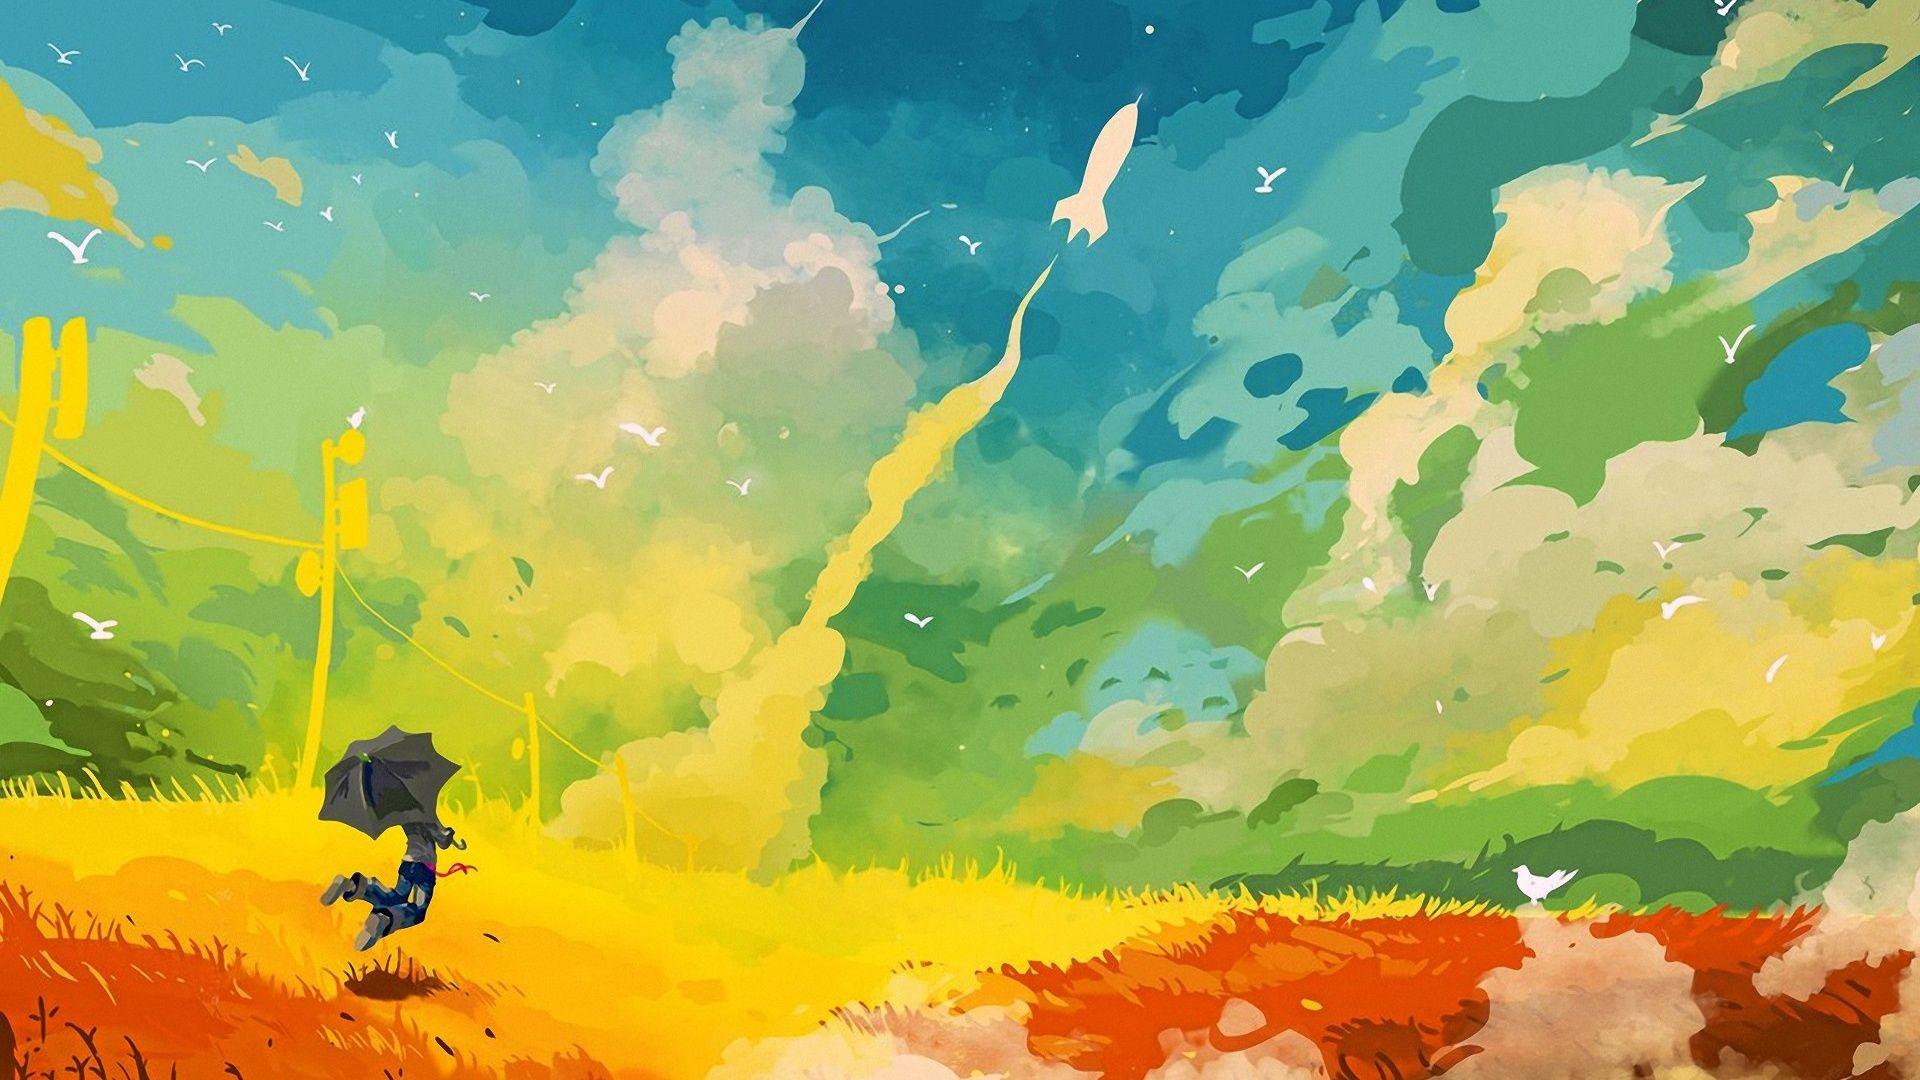 Modern Art Wallpaper For Android For Desktop Wallpaper 1920 x 1080 ...